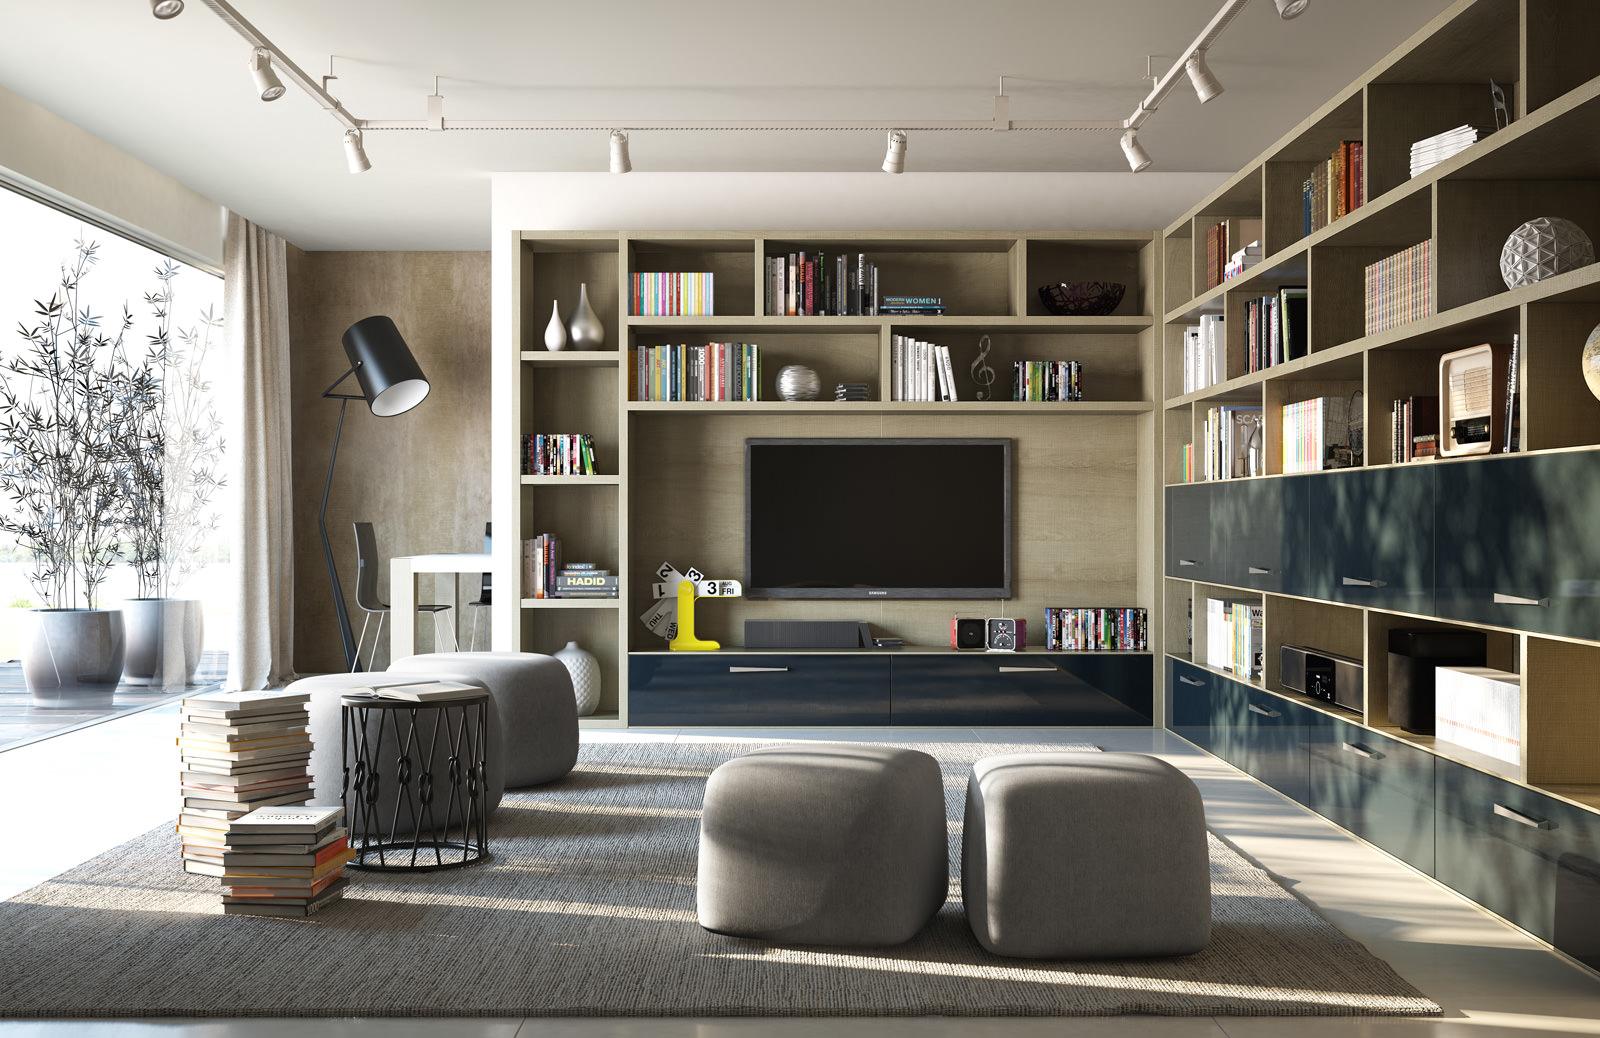 Para quem deseja misturar uma sala de TV com leitura, pode abusar de estantes e prateleiras